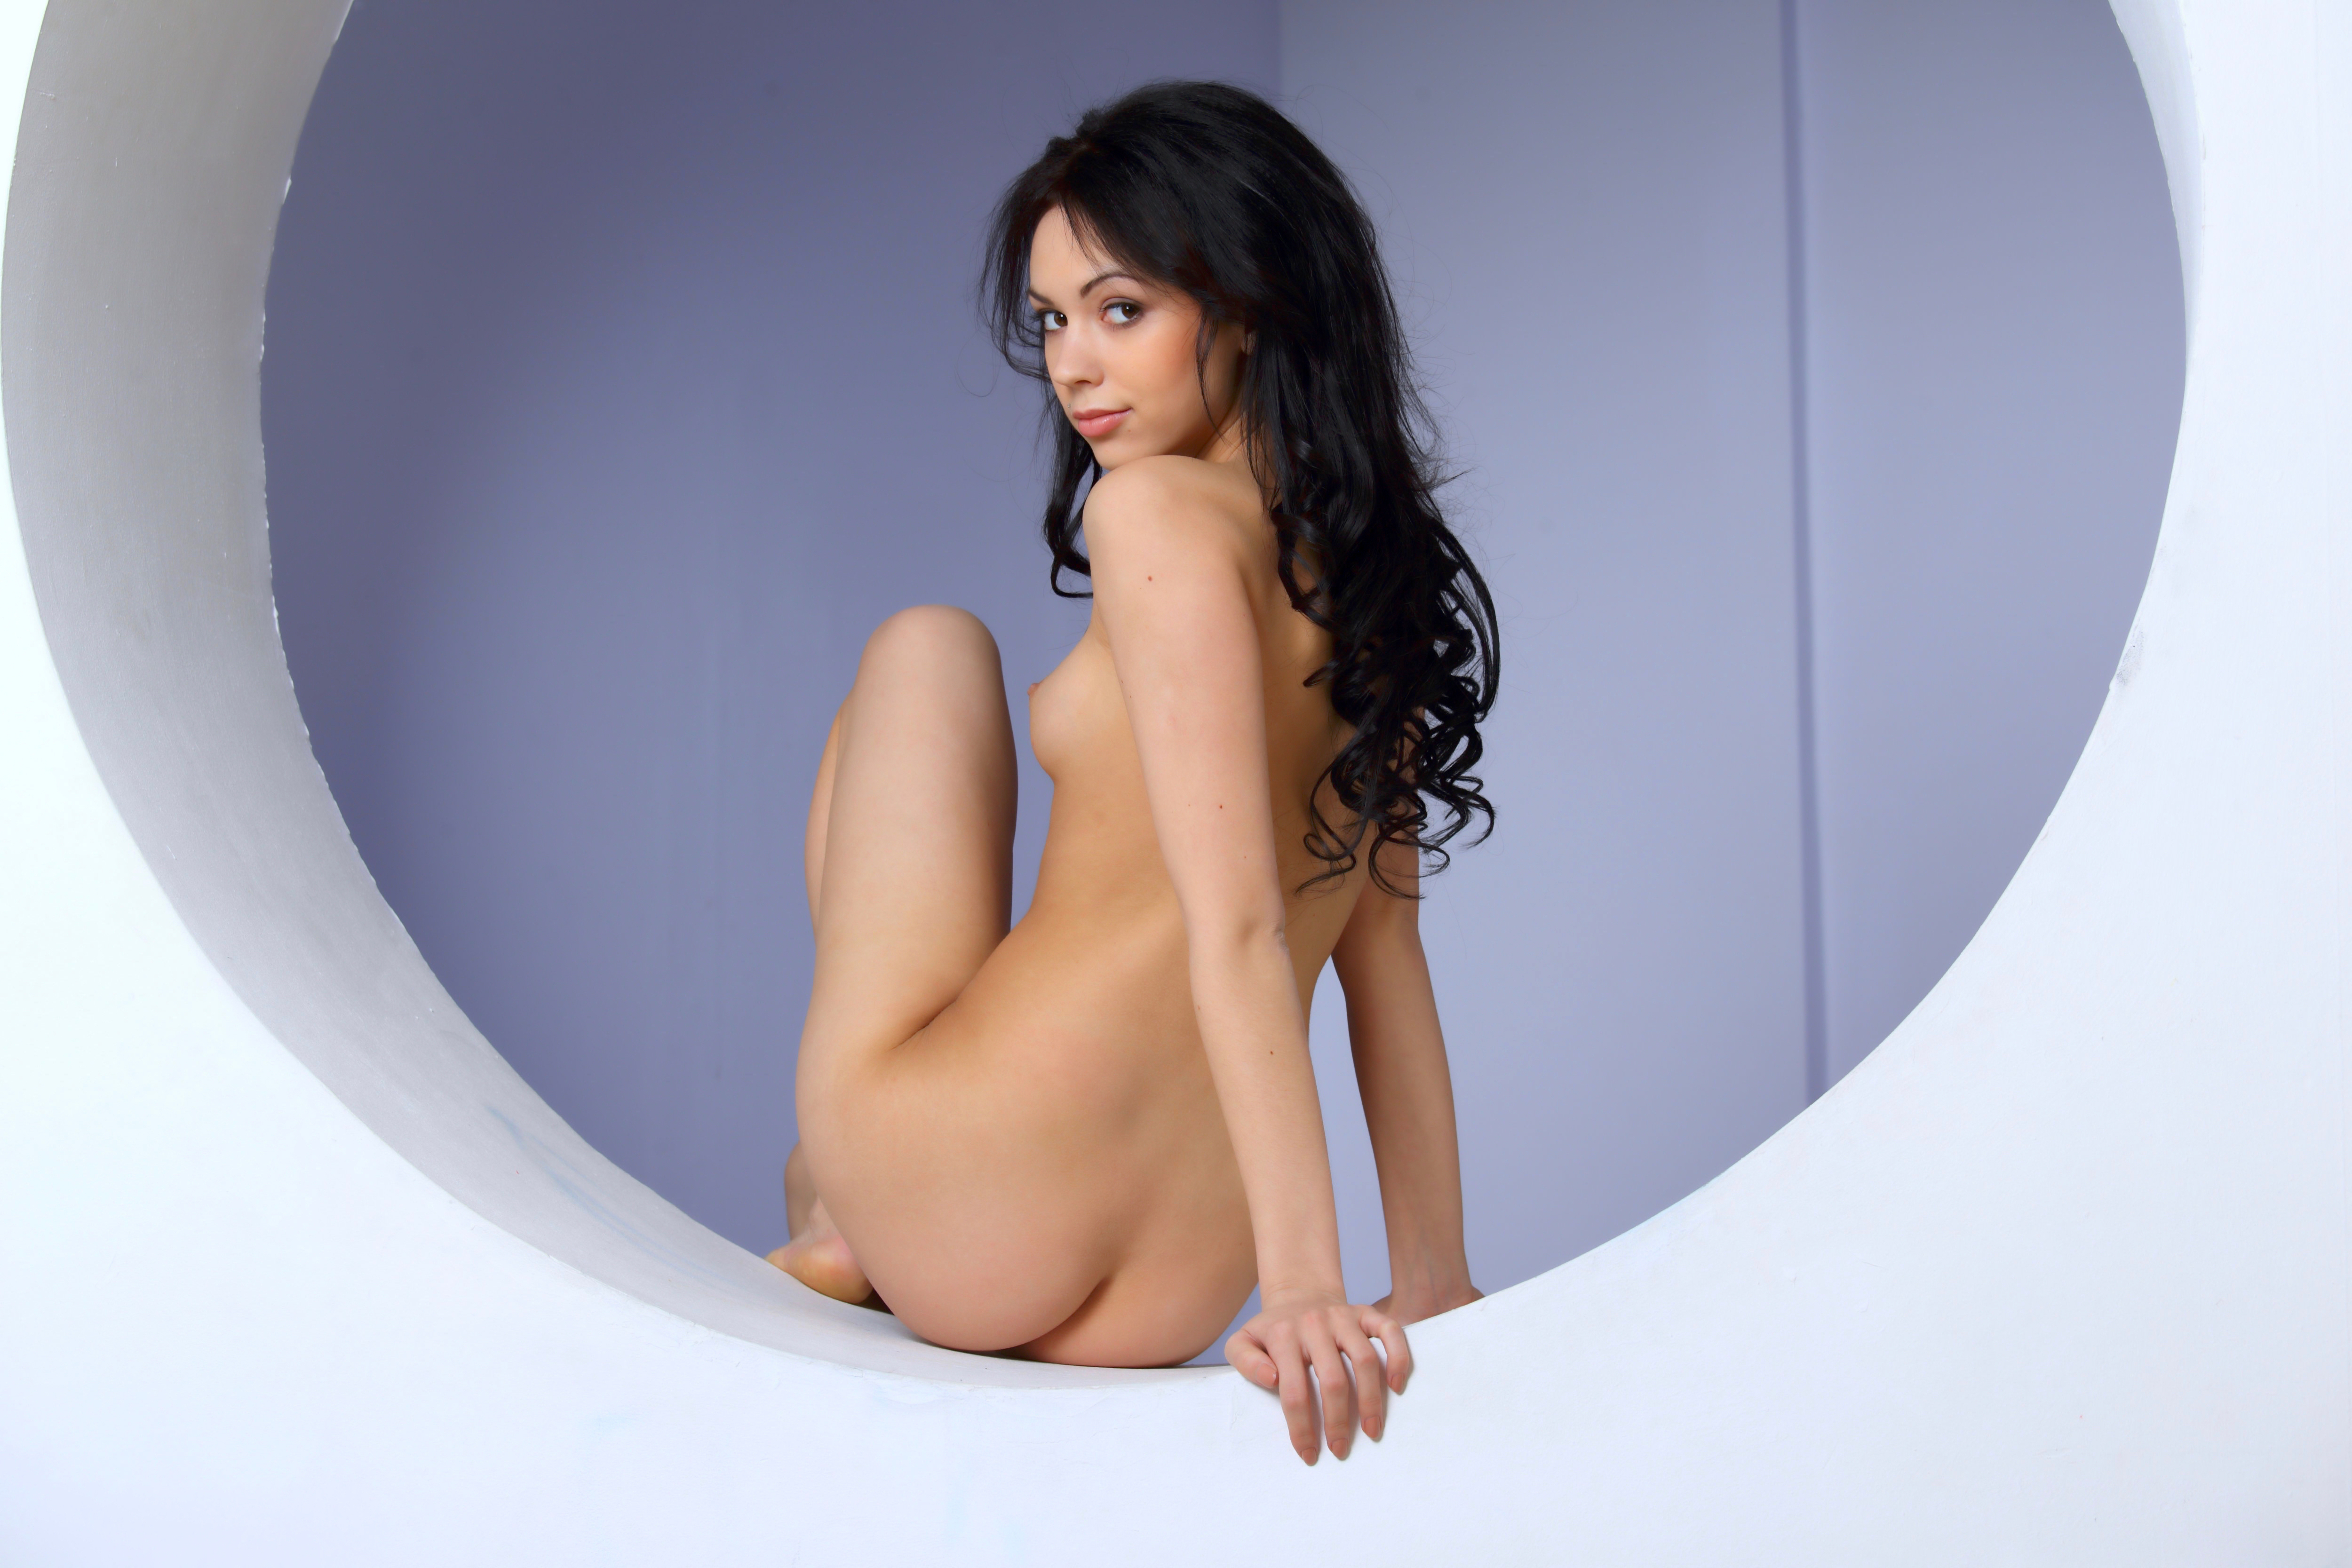 nude women in heels lipstick